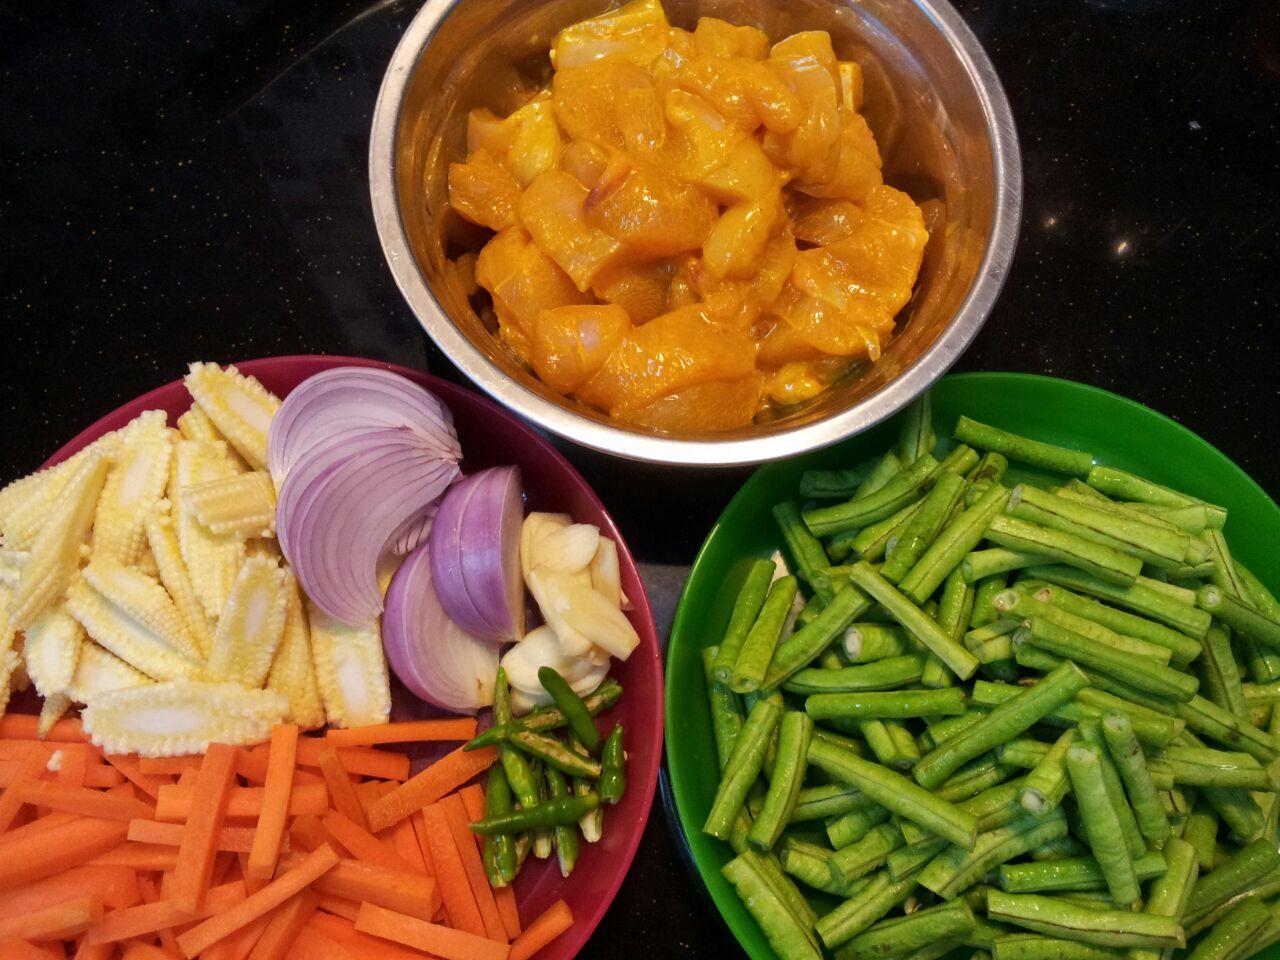 resepi ayam masak kacang panjang  descargar Resepi Ikan Goreng Ungkep Enak dan Mudah